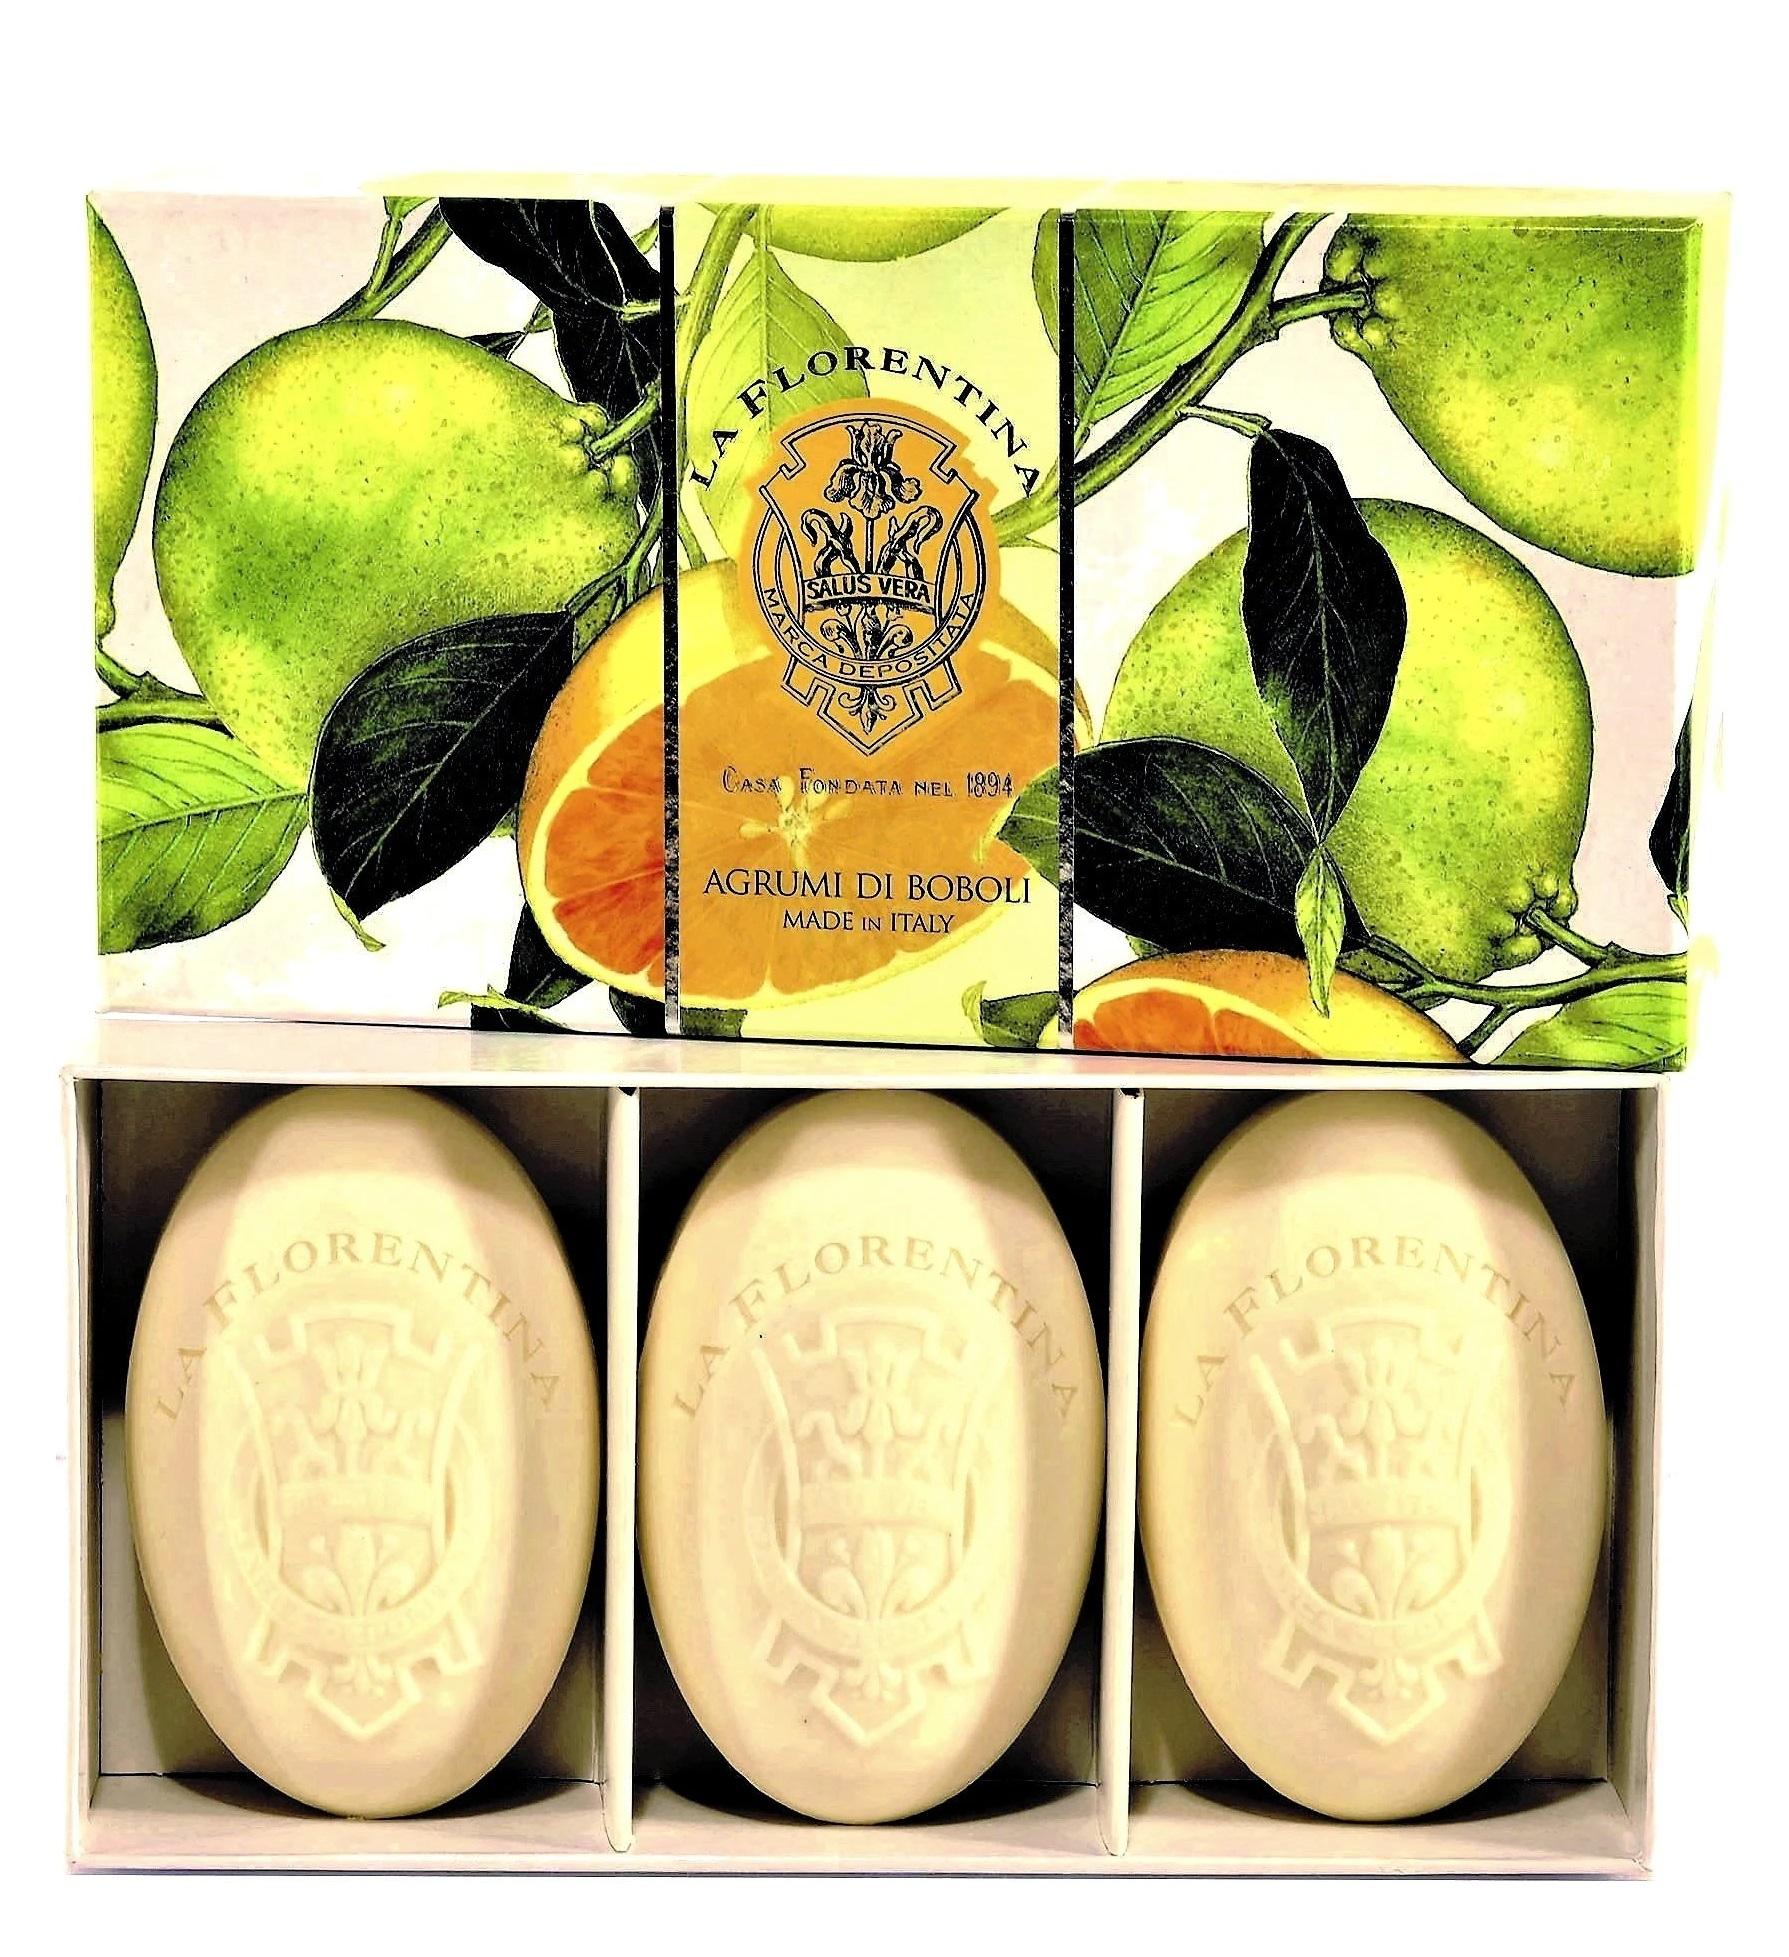 LA FLORENTINA Набор натурального мыла, цитрус / Citrus 3 х 150 г